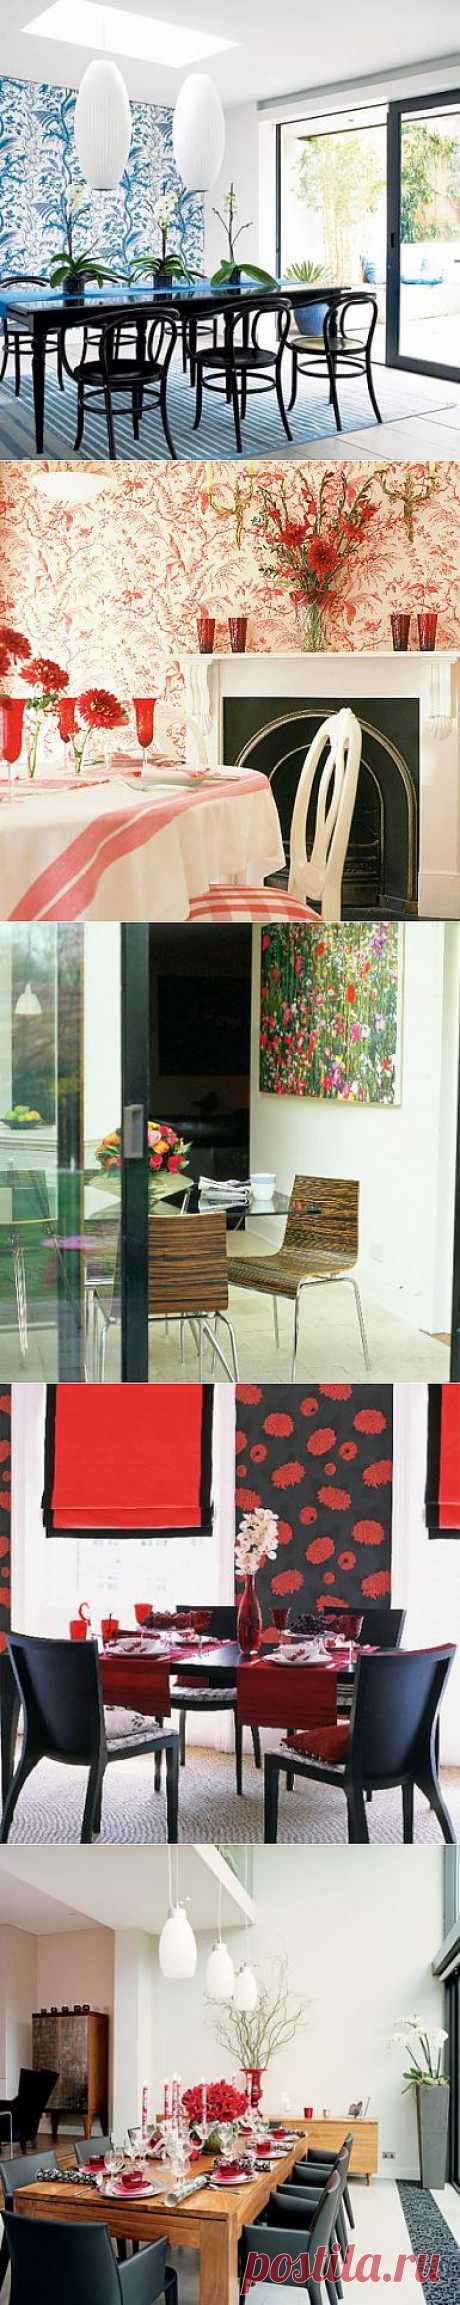 Дизайн столовой - цветочные фантазии | Фото интерьера столовой